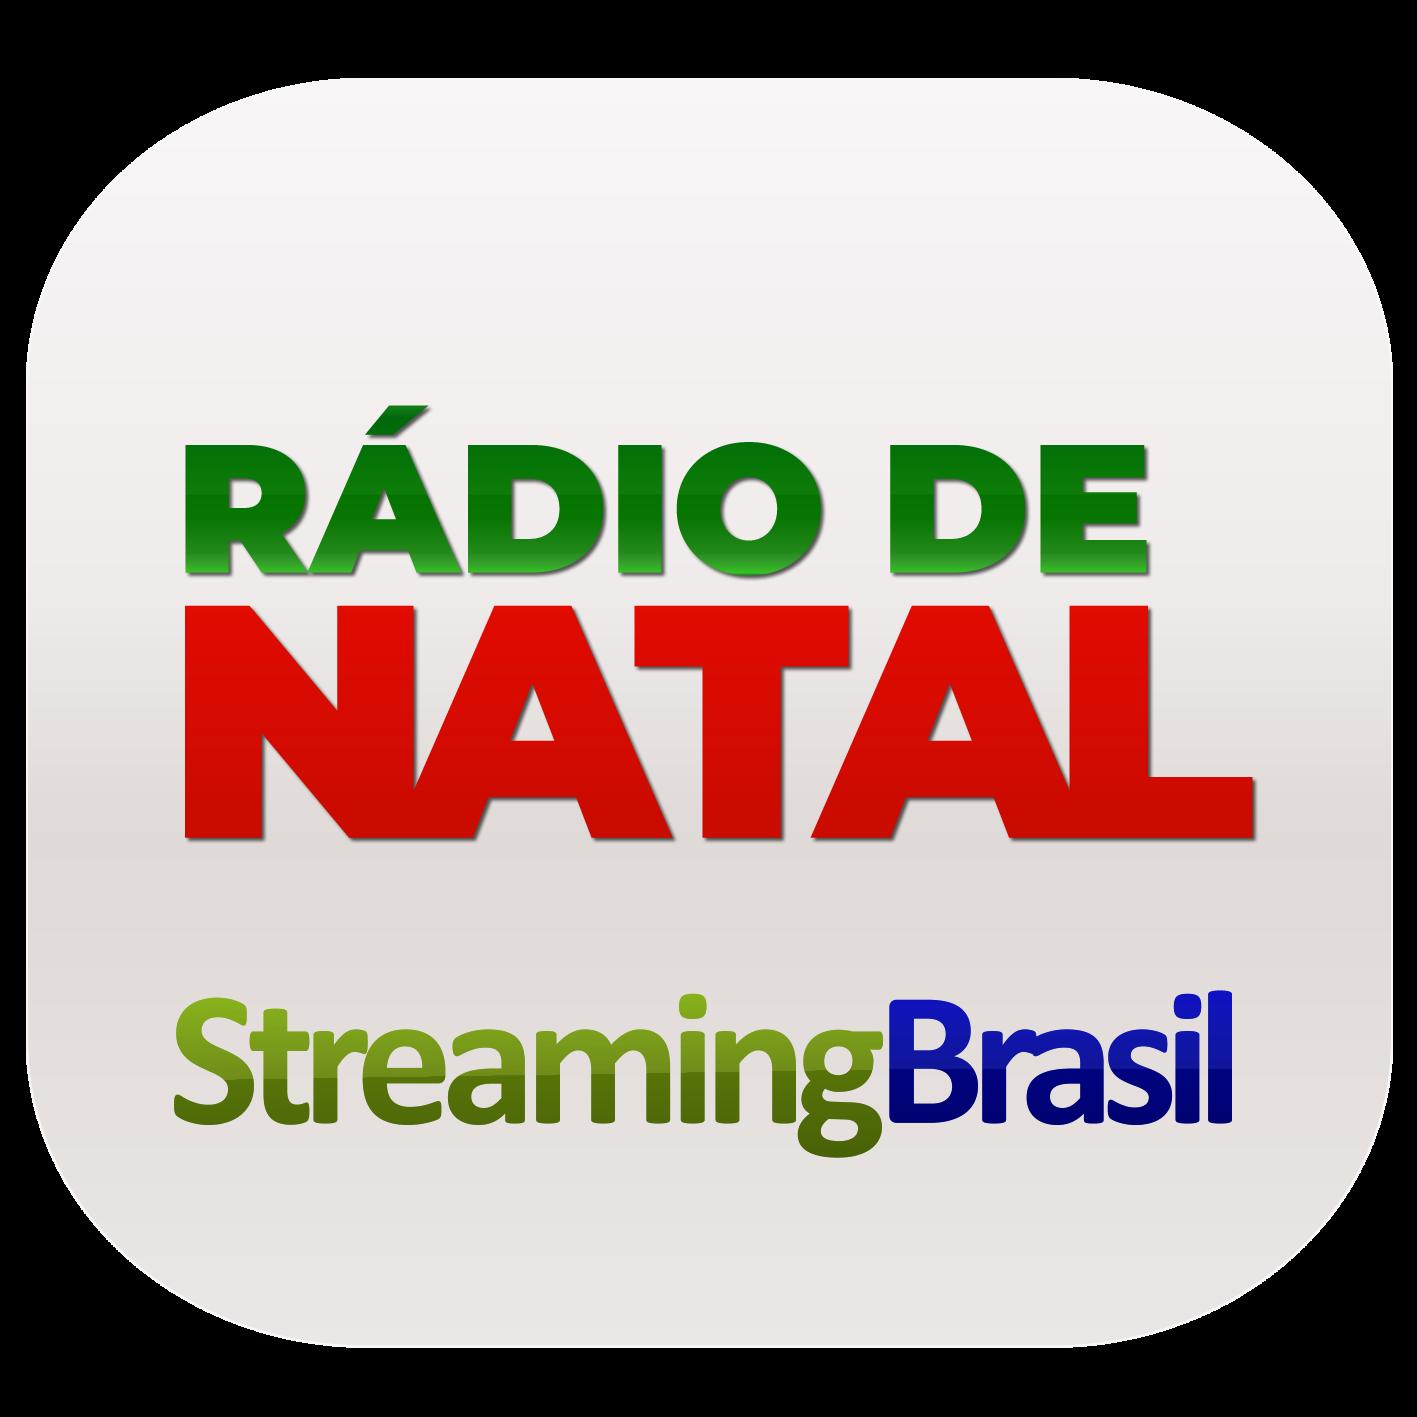 Radio de Natal